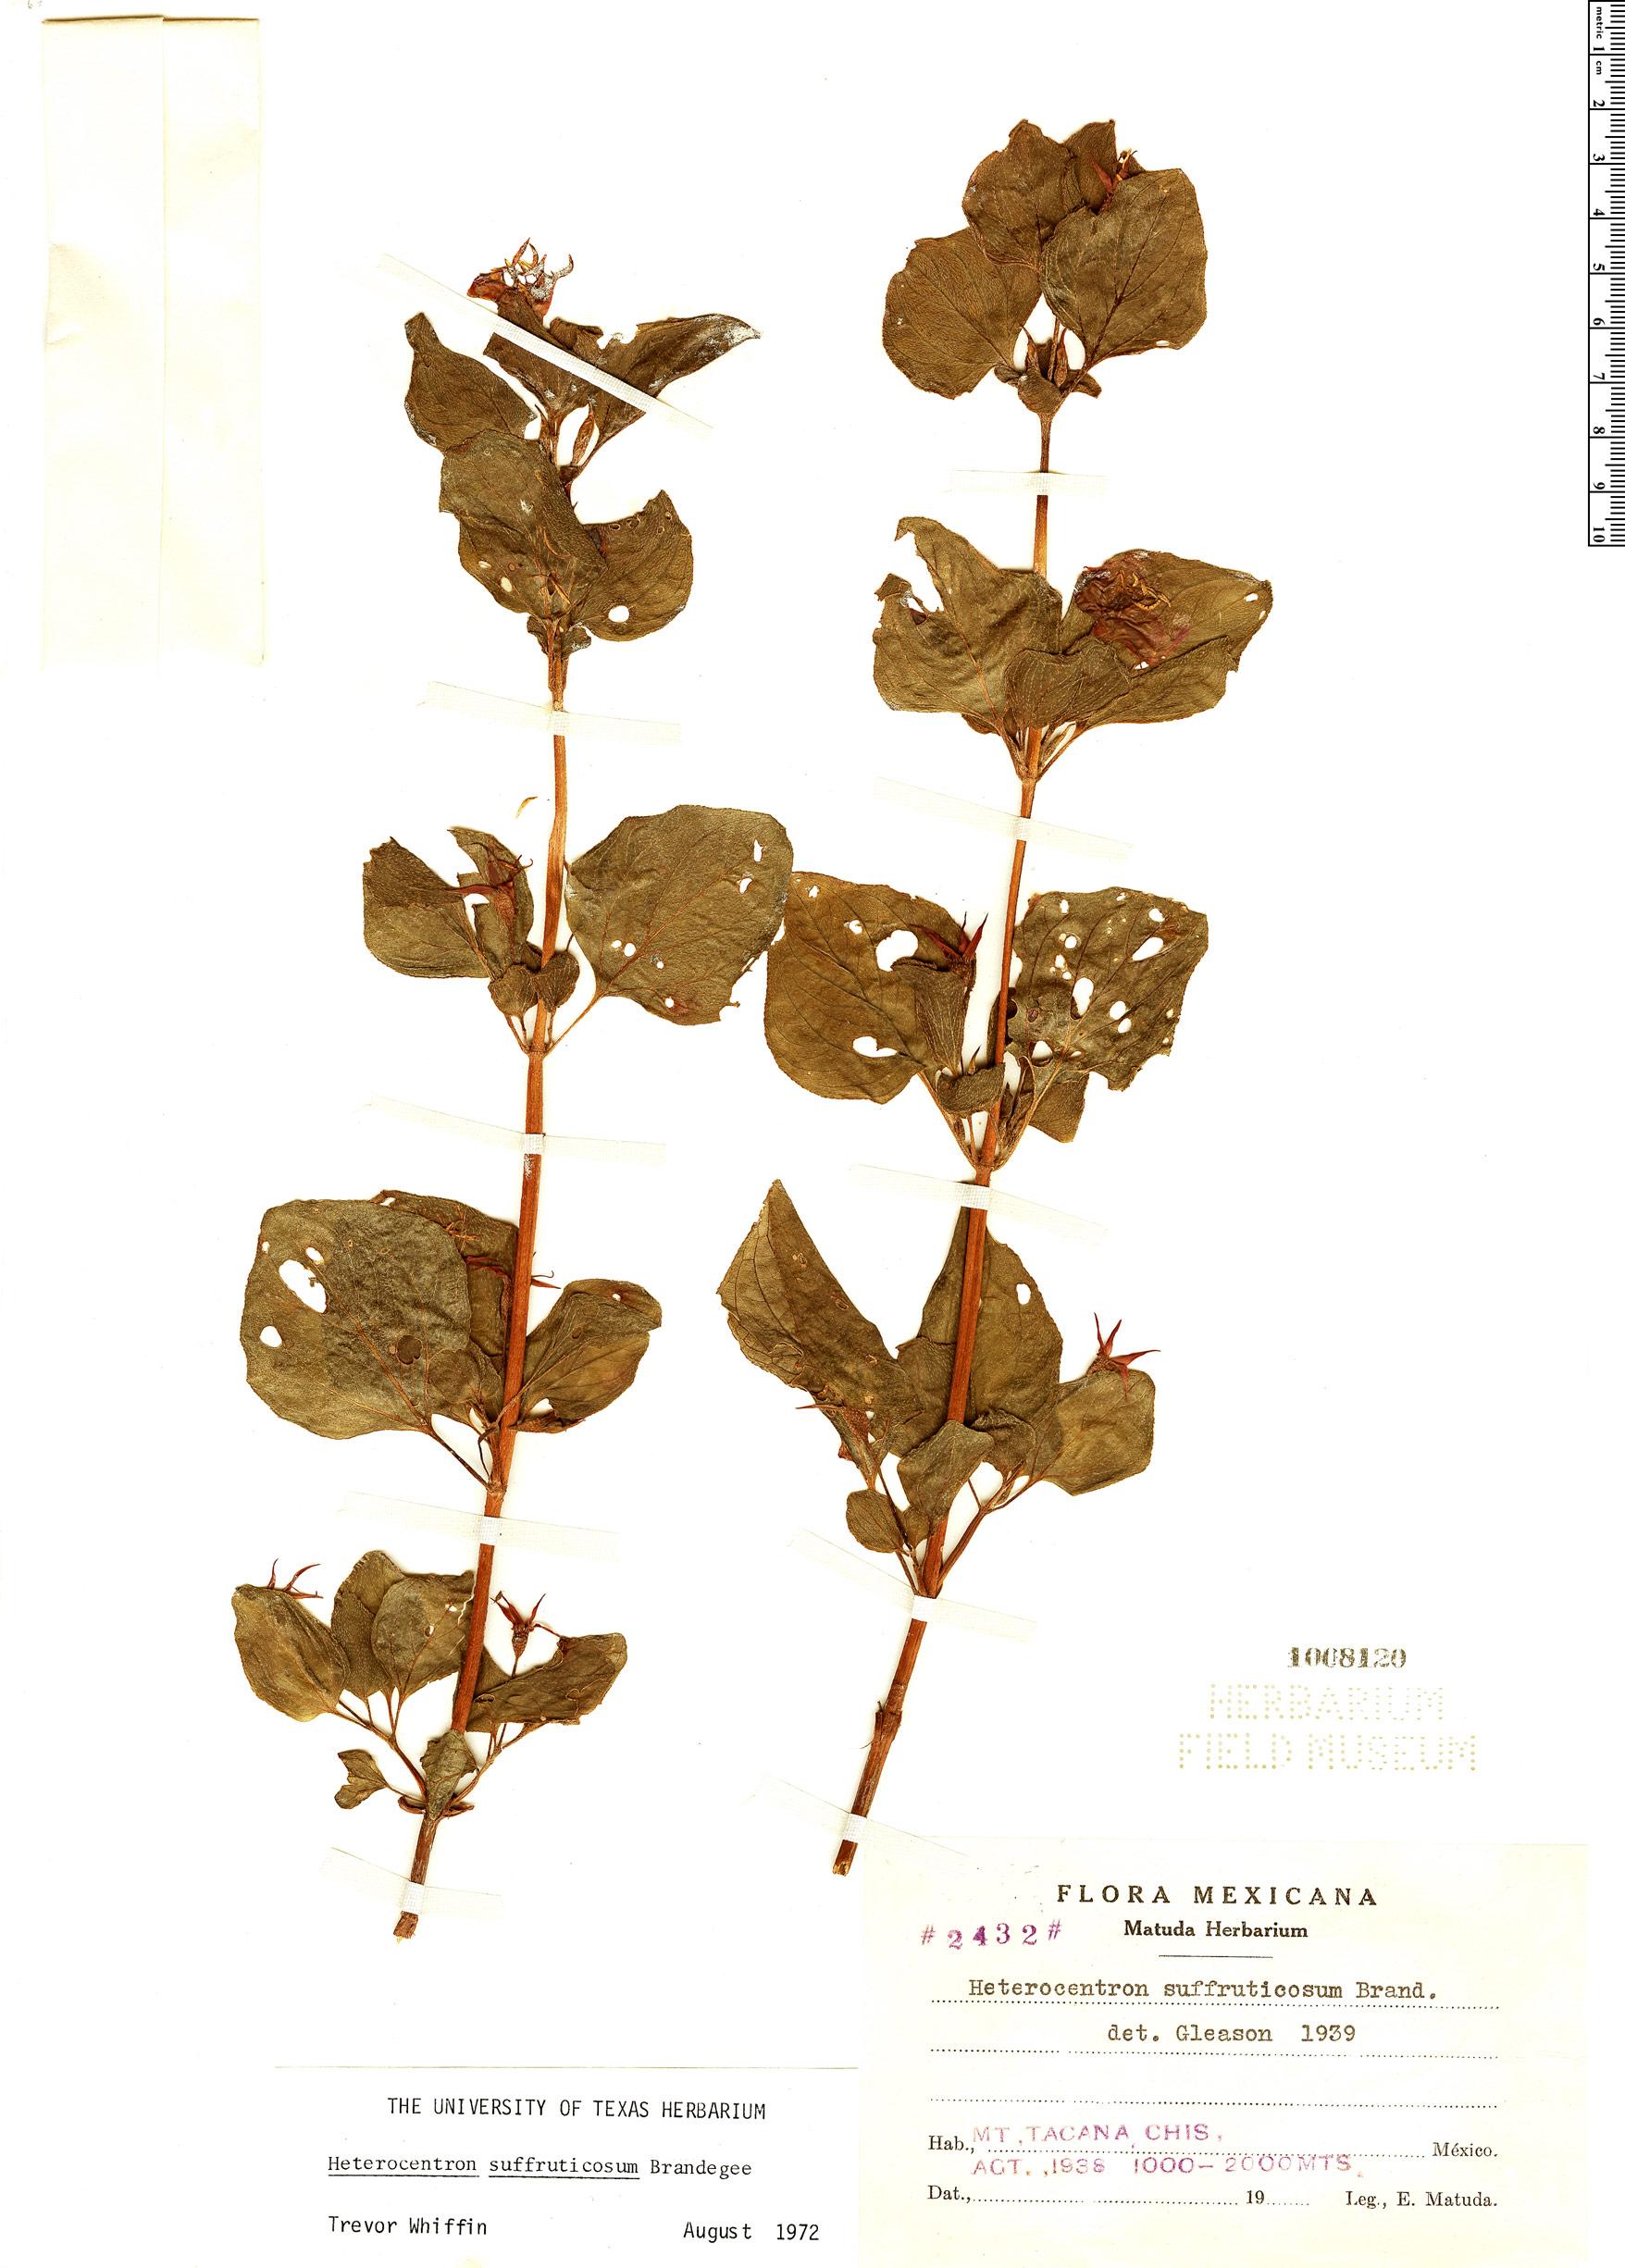 Specimen: Heterocentron suffruticosum